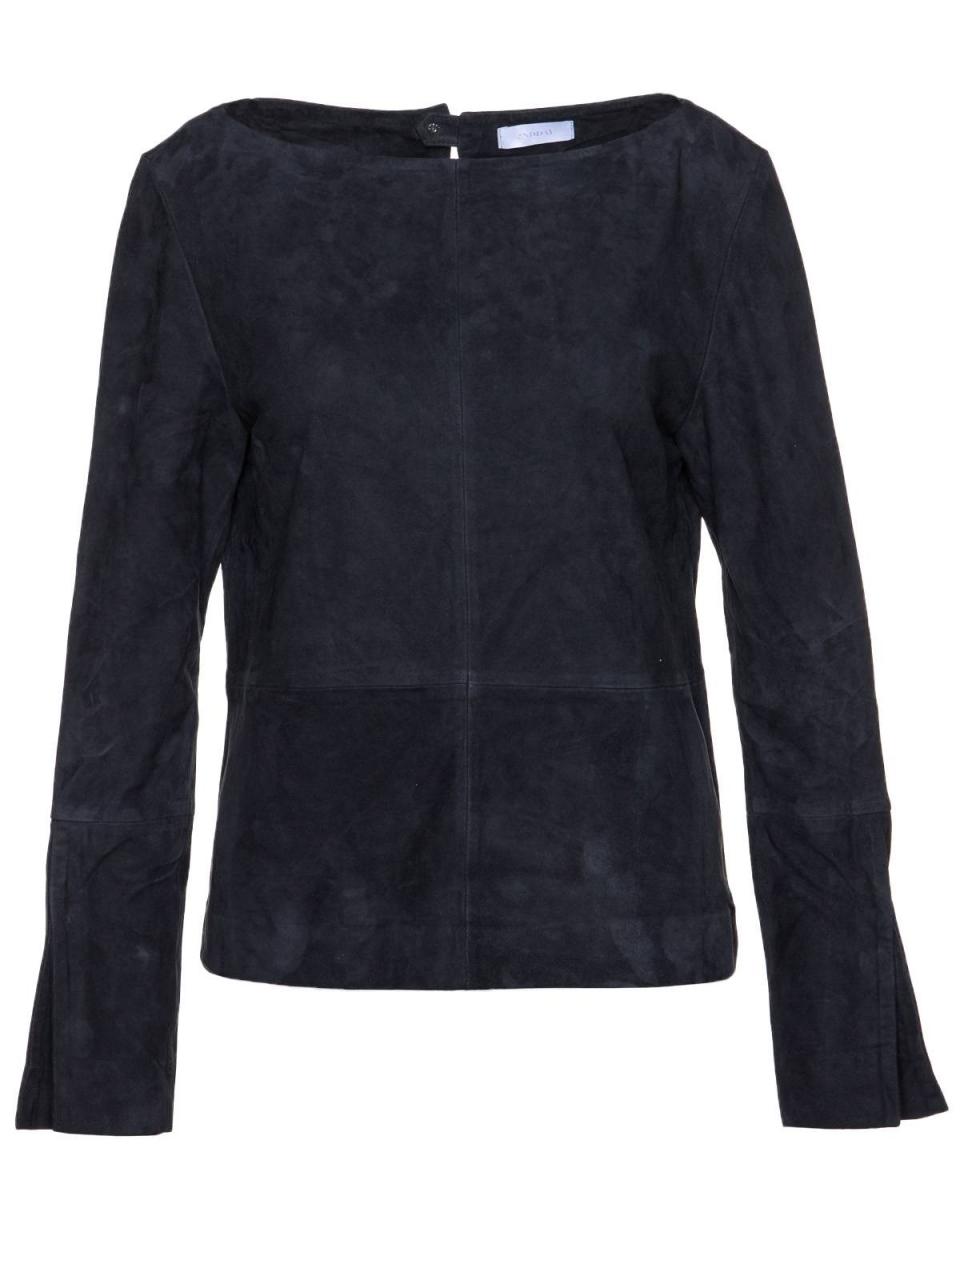 2NDDAY Bluse CRISP aus Leder